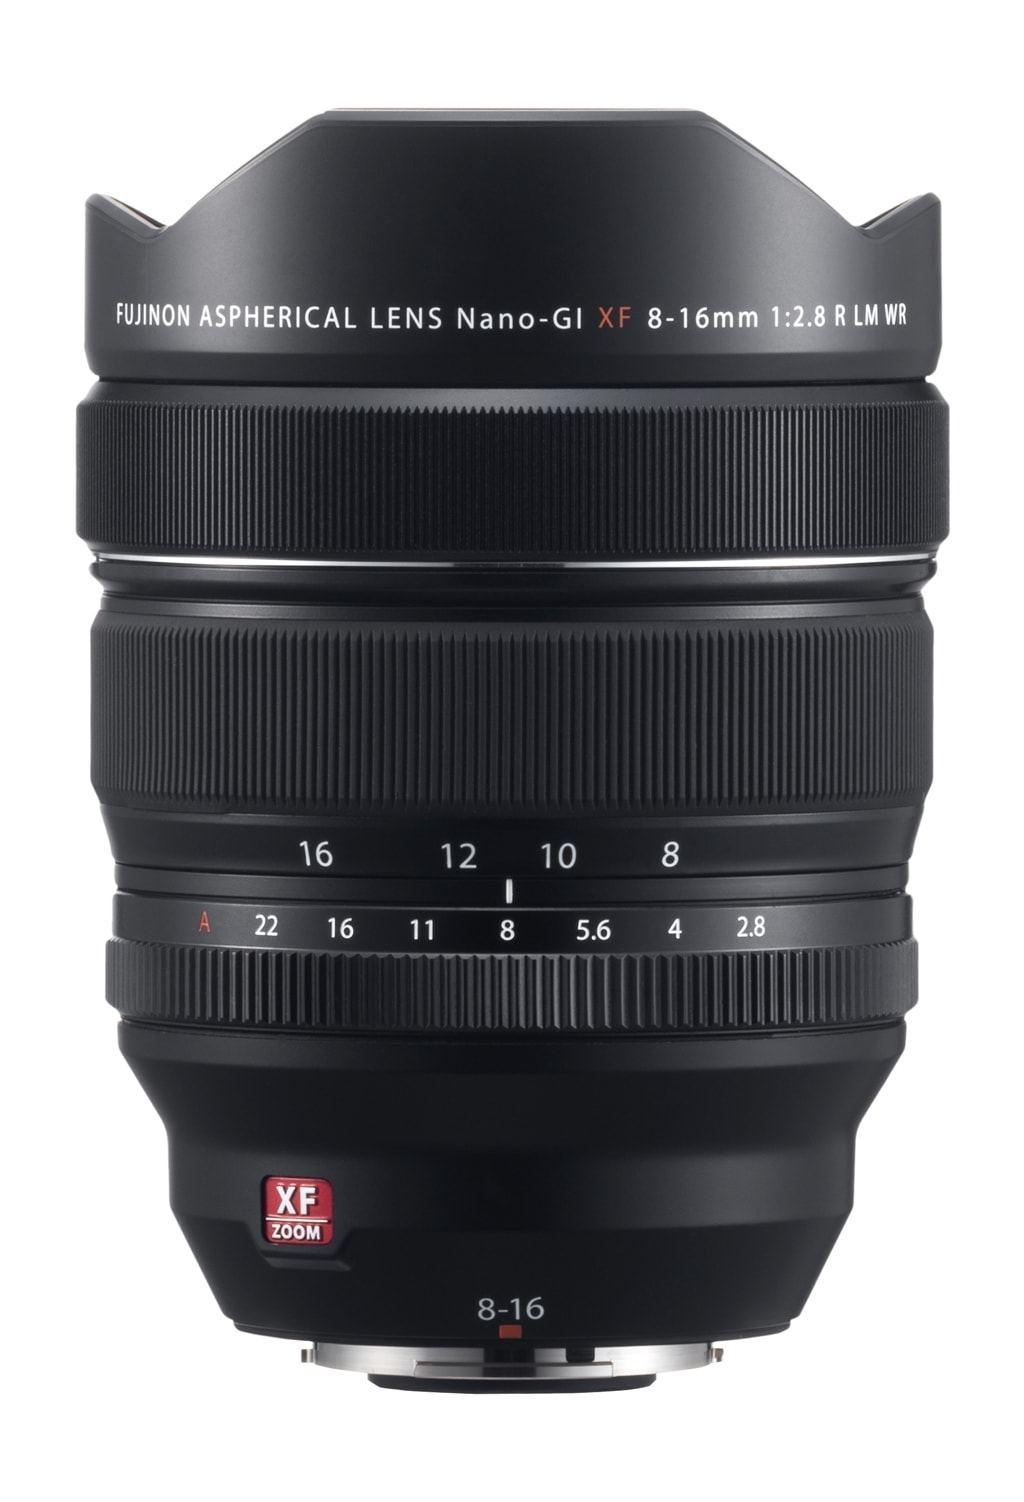 Fujifilm XF 8-16mm 1:2.8 R LM WR